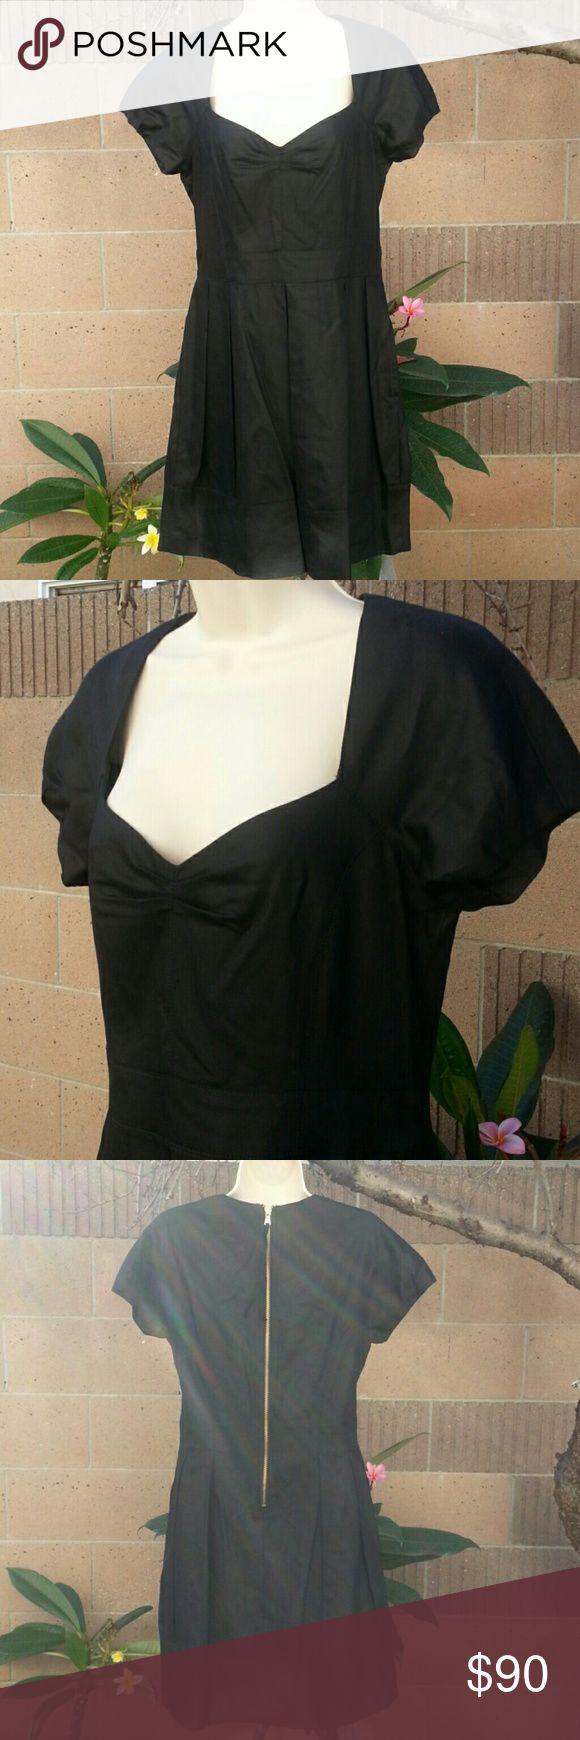 Marc Jacobs black dress size 8 Marc Jacobs black dress size 8  Great little black dress for the holidays Marc by Marc Jacobs Dresses